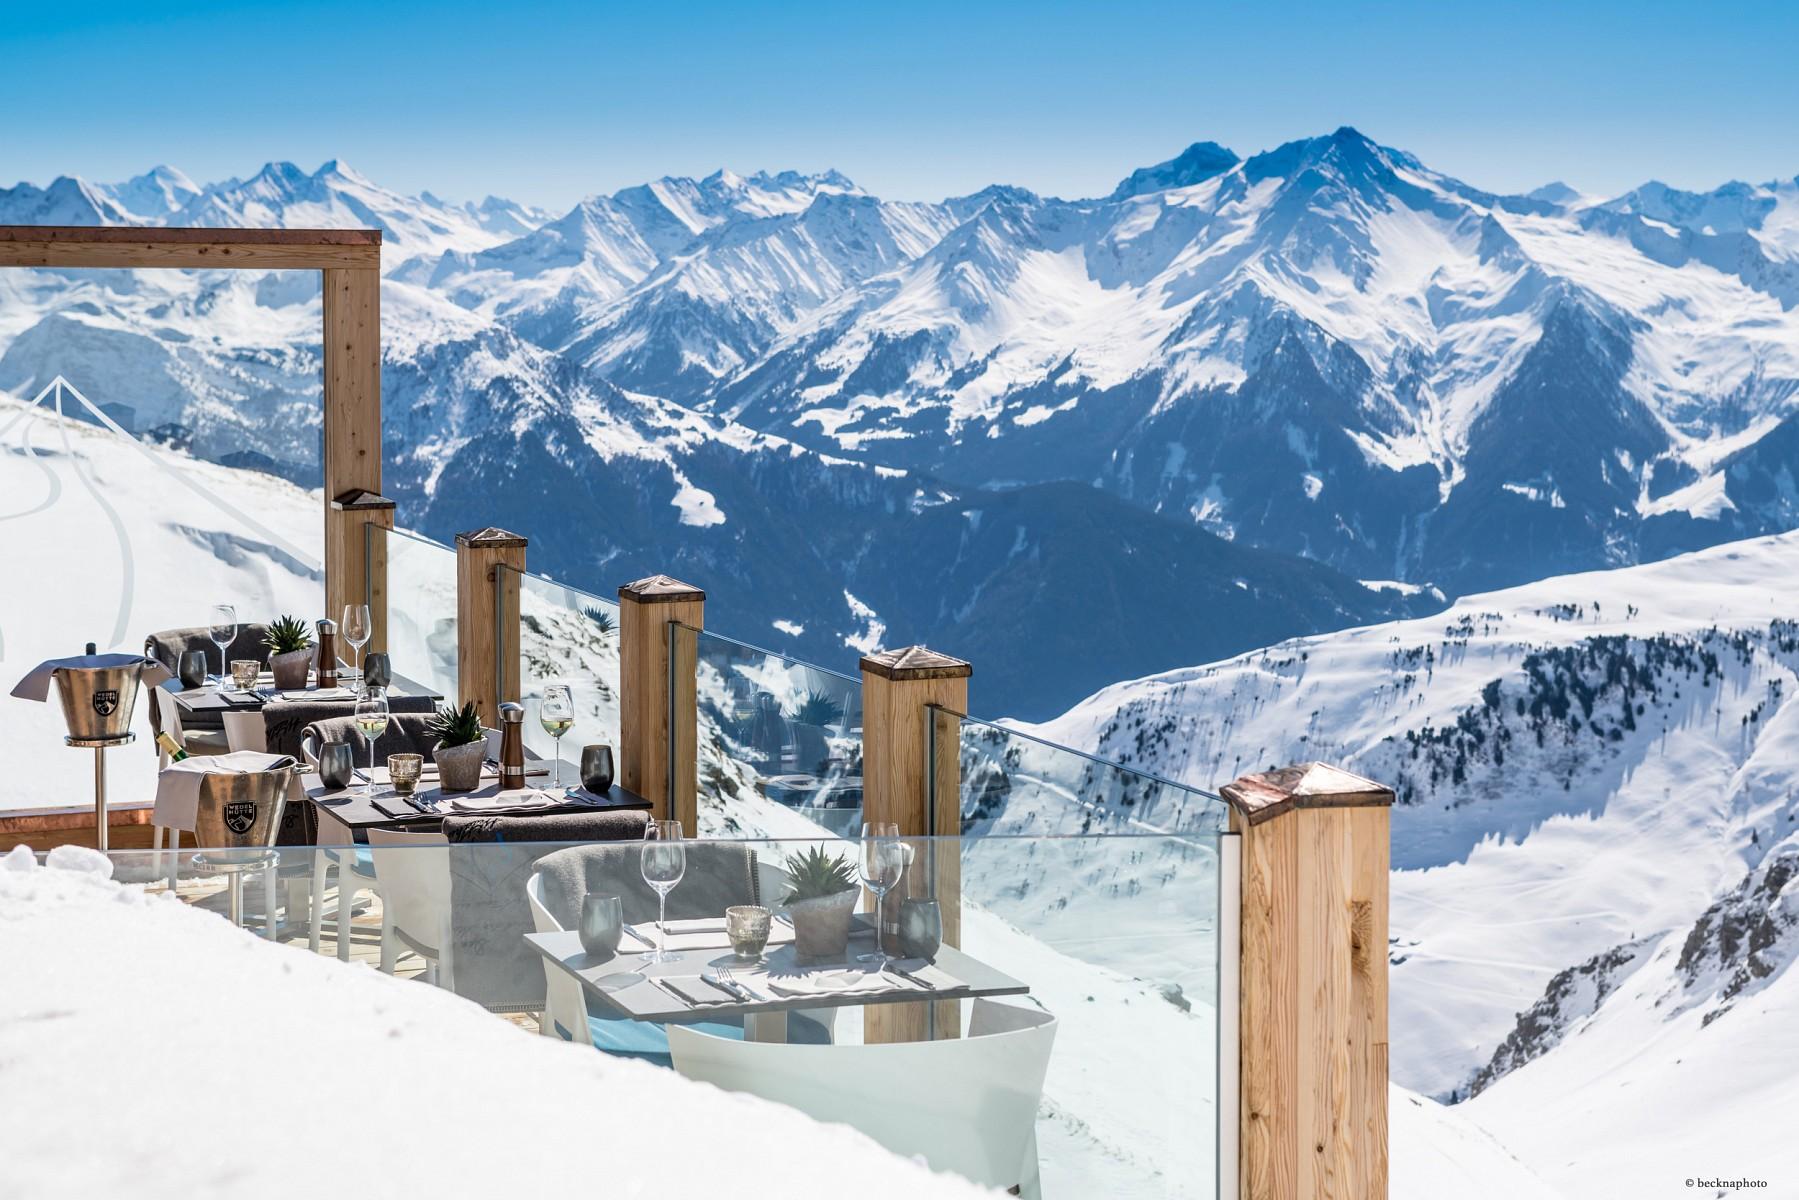 pWer-sich-satt-gesehen-hat-an-diesem-Ausblick-kann-mit-den-Skiern-abfahren-oder-den-Steig-wiedernbspzuruumlck-zum-Ausgangspunkt-gehen-Weitere-Infos-unter-a-hrefhttpswwwhochzillertalcomskigebiethochalpiner-winterklettersteig-hochzillertal-kaltenbachXdVJAzJKj1J-targetblankwwwhochzillertalcomap